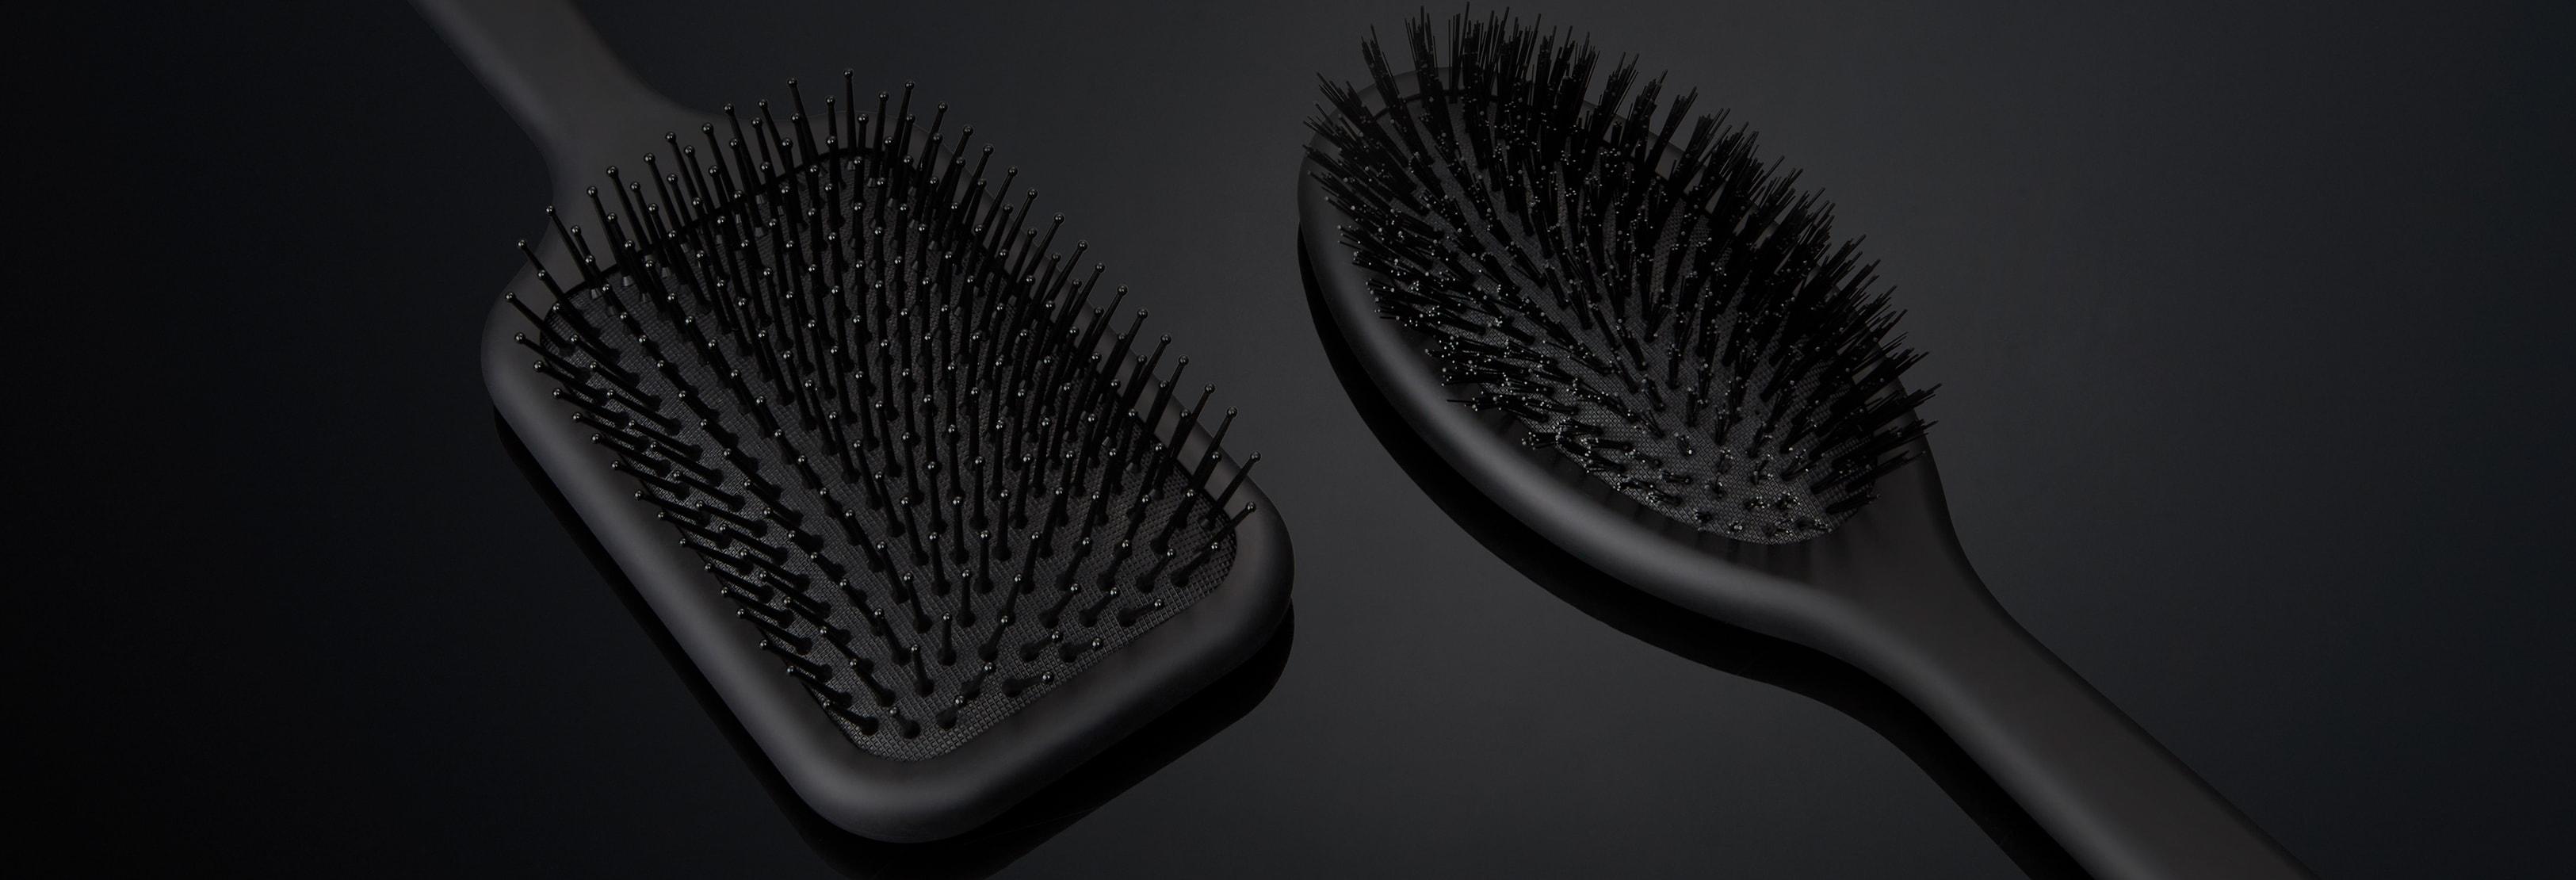 Hair_Brushes_Mobile_Nav_3250X1110.jpg